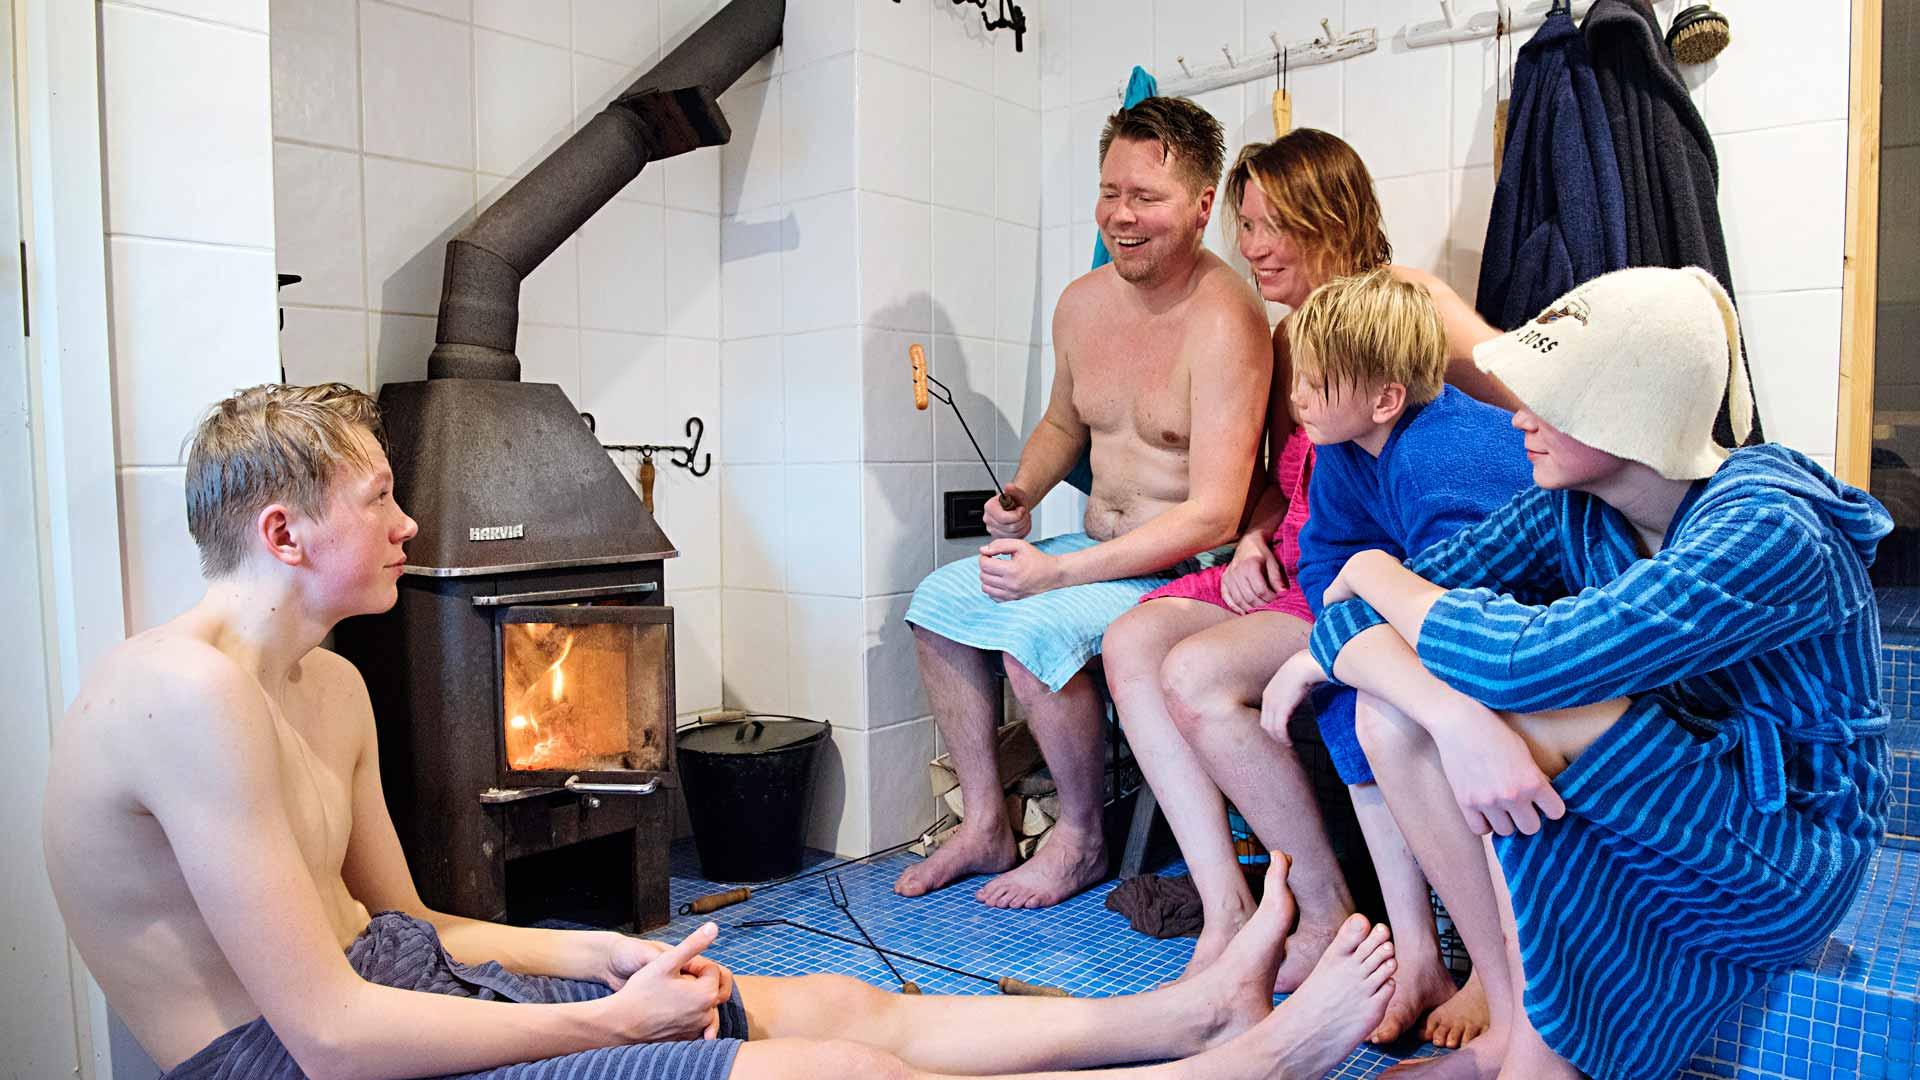 Pesuhuoneen pienessä takassa on paistettu useat nakit, kun lapset olivat nuorempia. Nyt Aatos, Aarne ja Alpo ovat jo niin isoja, että yhteisessä paistohetkessä on tiivis tunnelma.